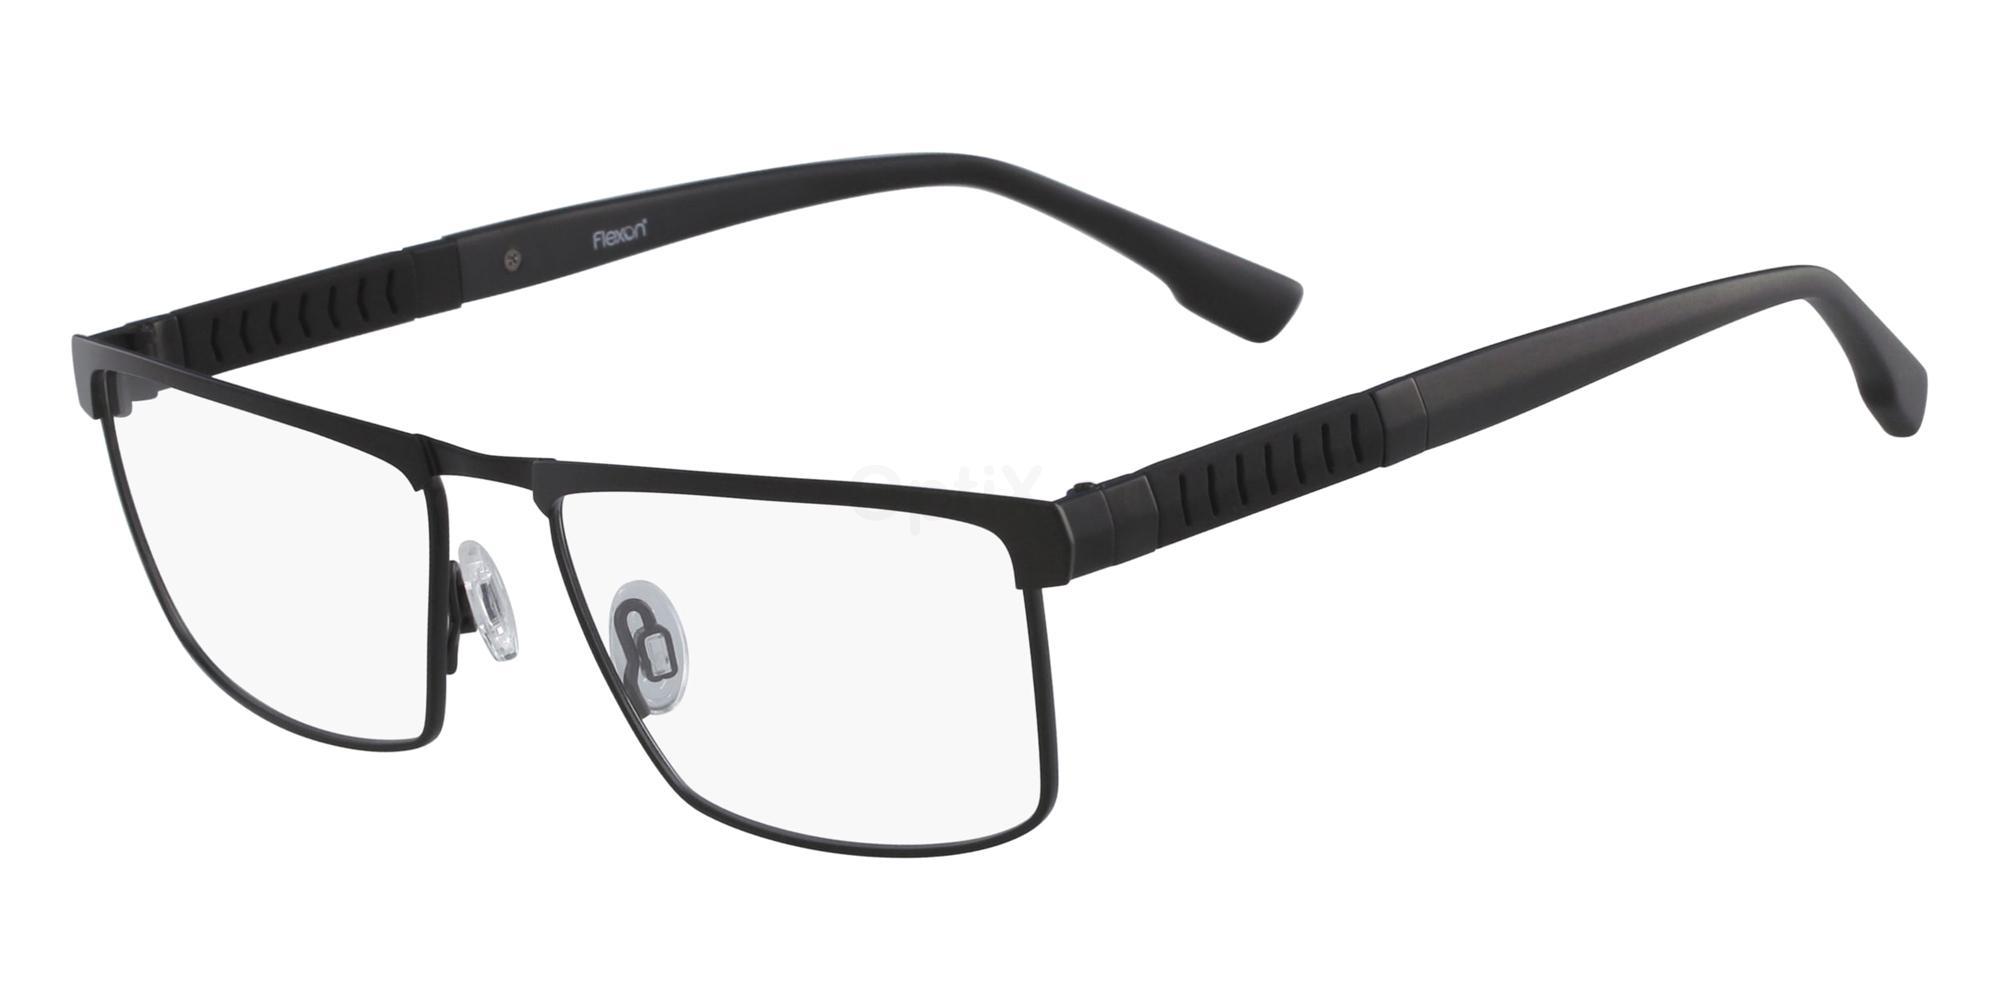 001 FLEXON E1113 Glasses, Flexon